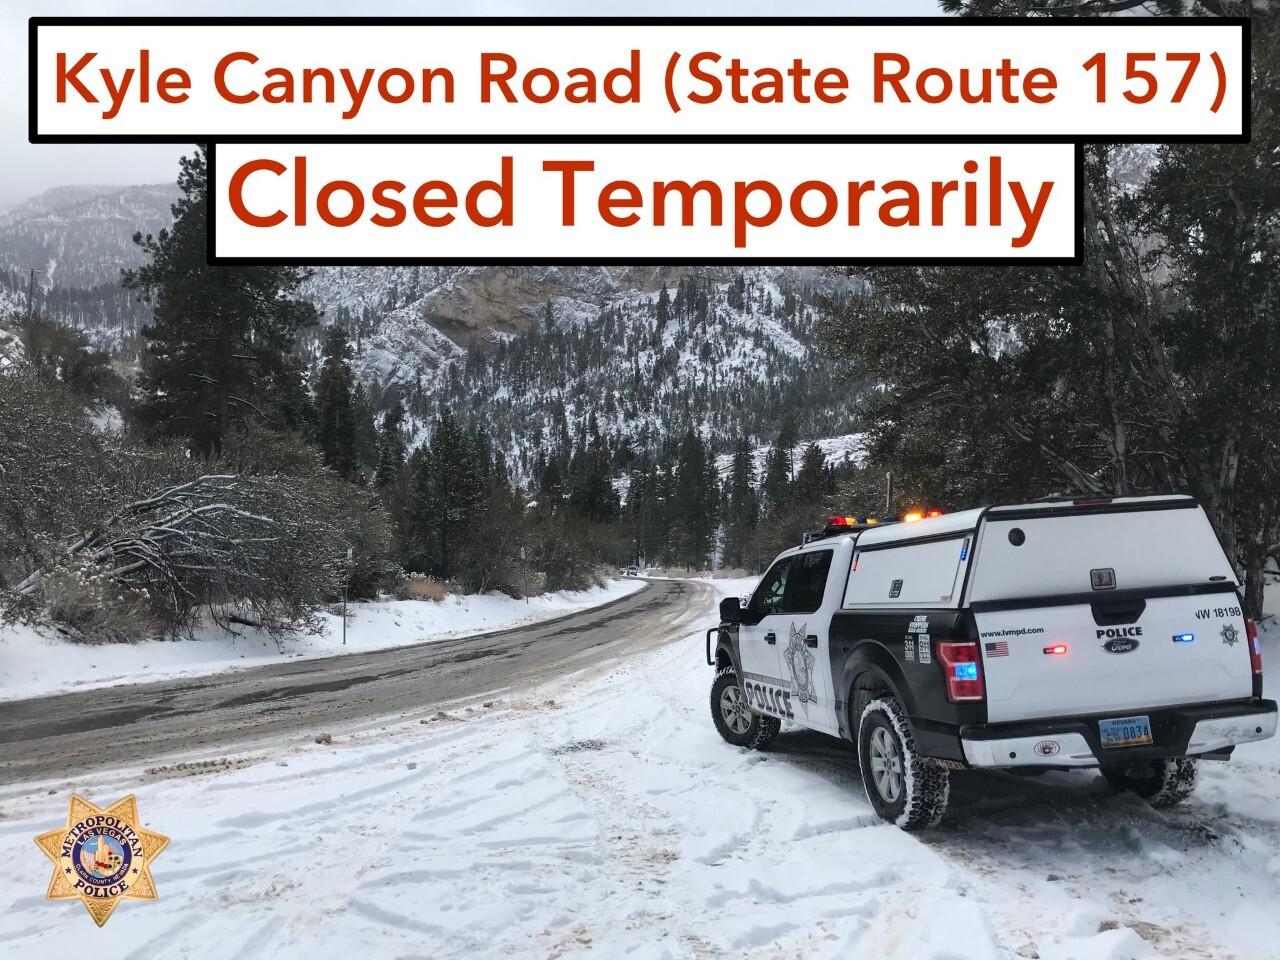 Jan 2 kyle canyon road closed.jpg